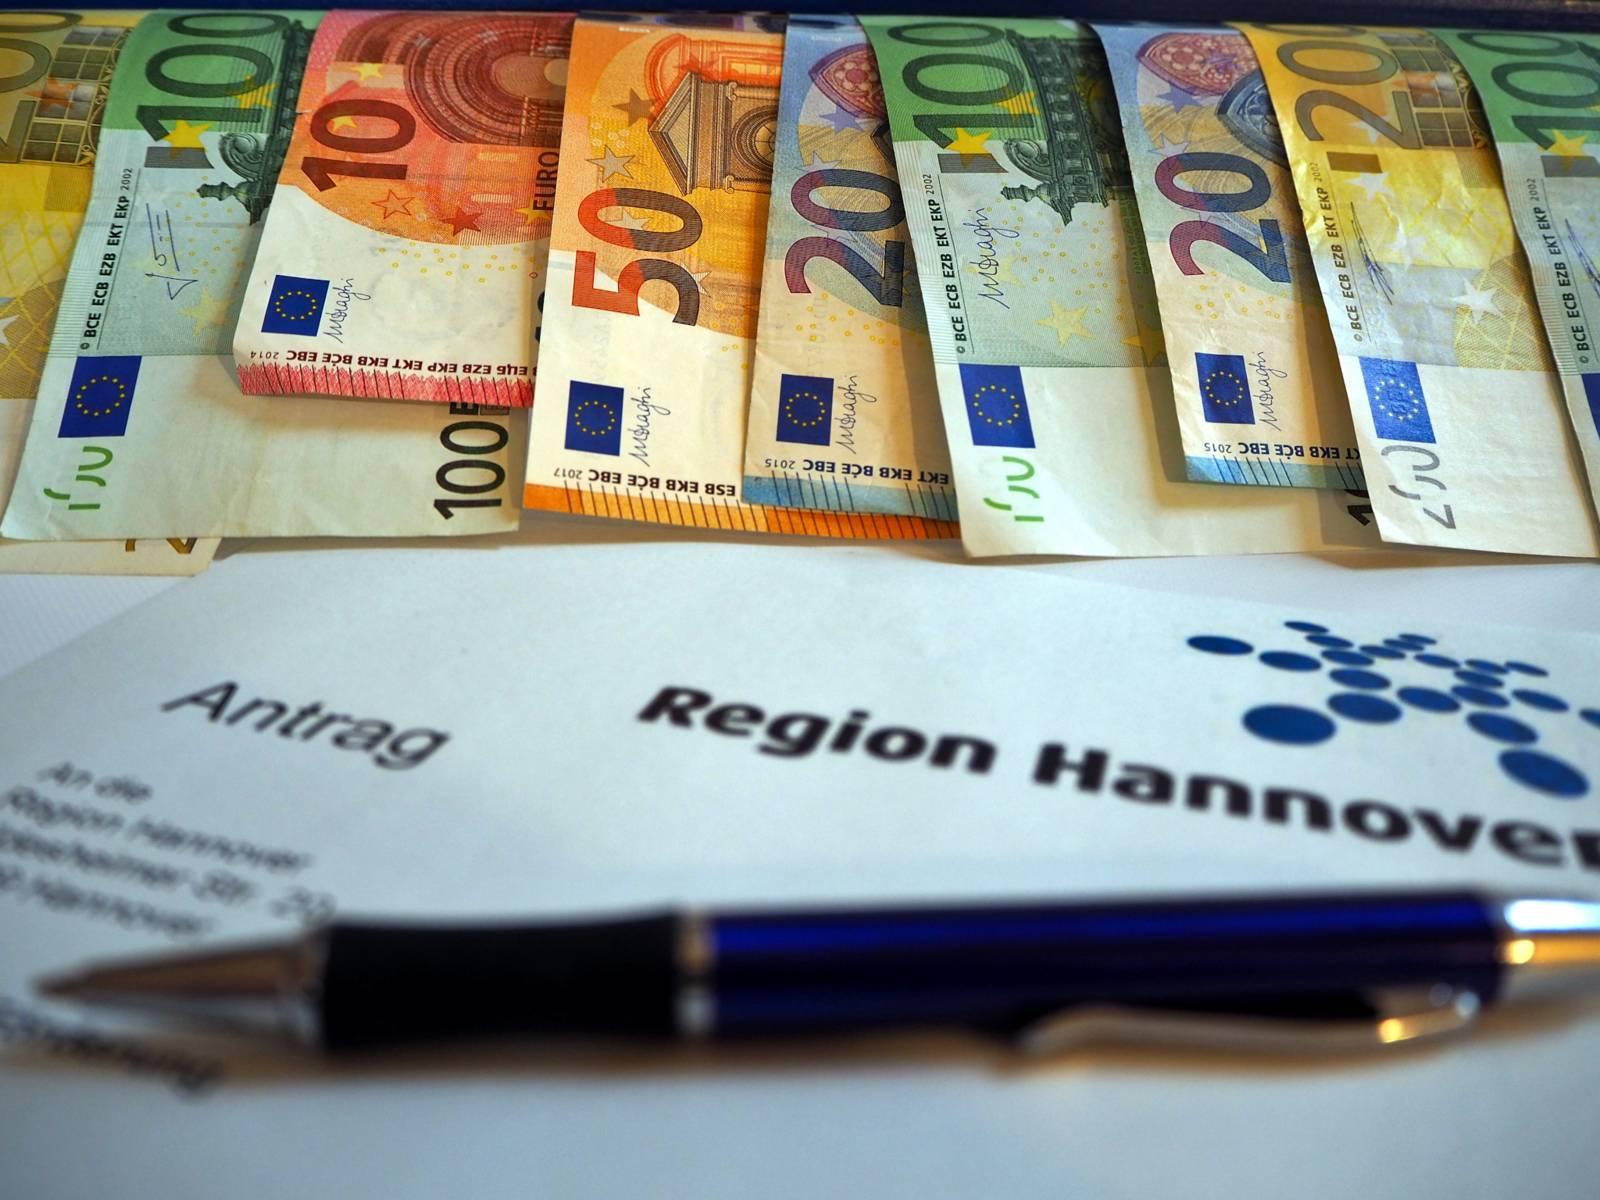 """Geldscheine hängen von einem blauen Holzstück, auf dem """"Region Hannover"""" steht."""